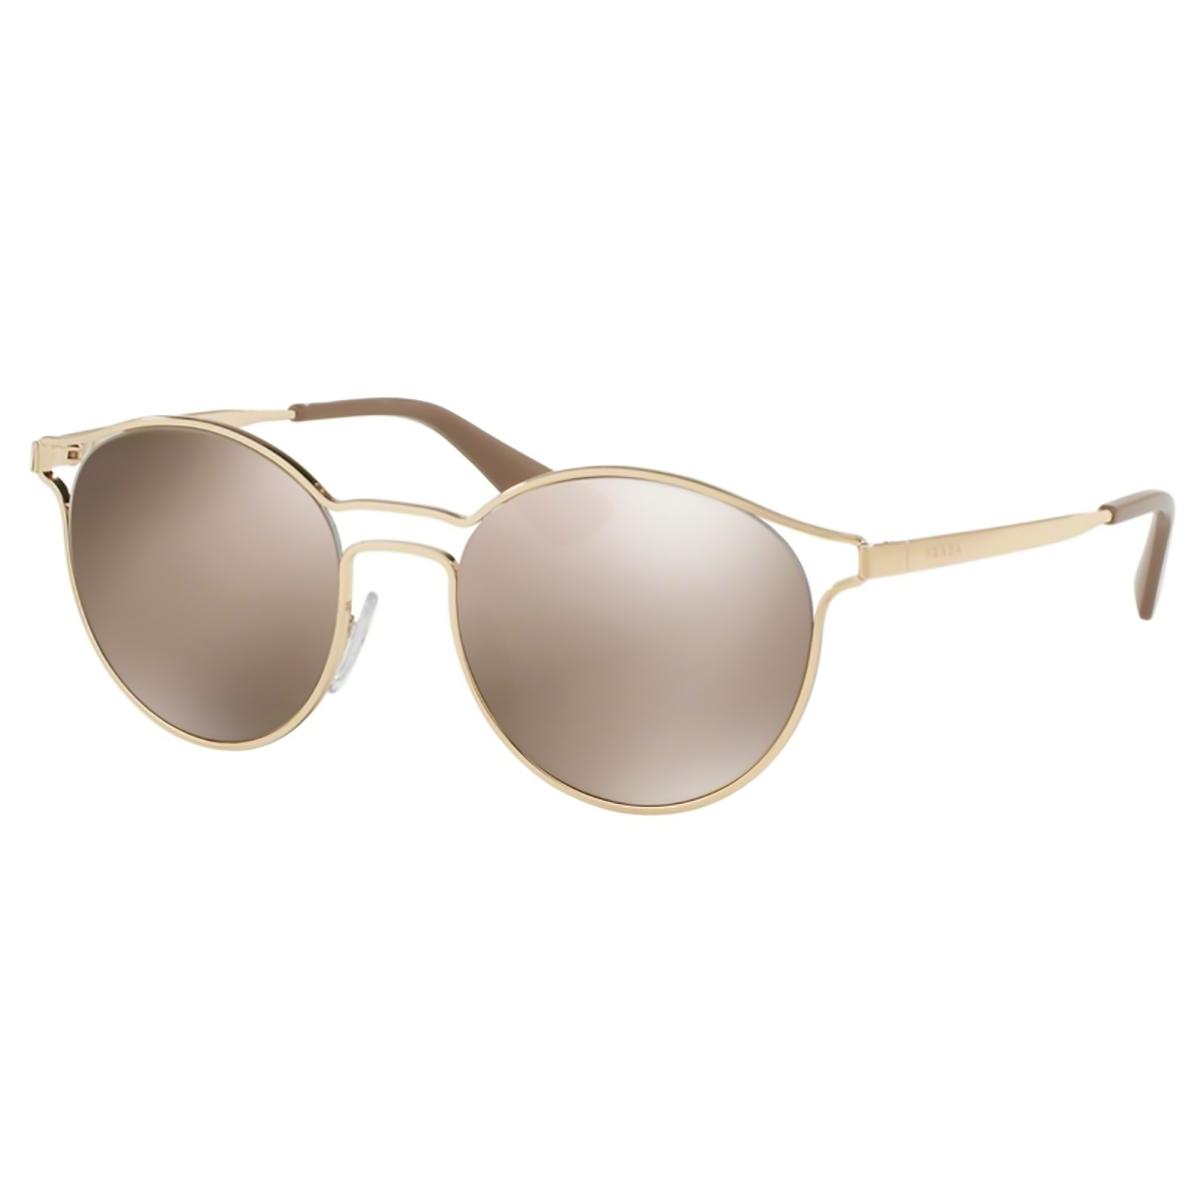 e881a67543081 ... Compre Óculos de Sol Prada Cinema em 10X Tri-Jóia Shop d7e886fae861b9   Óculos de Grau ...